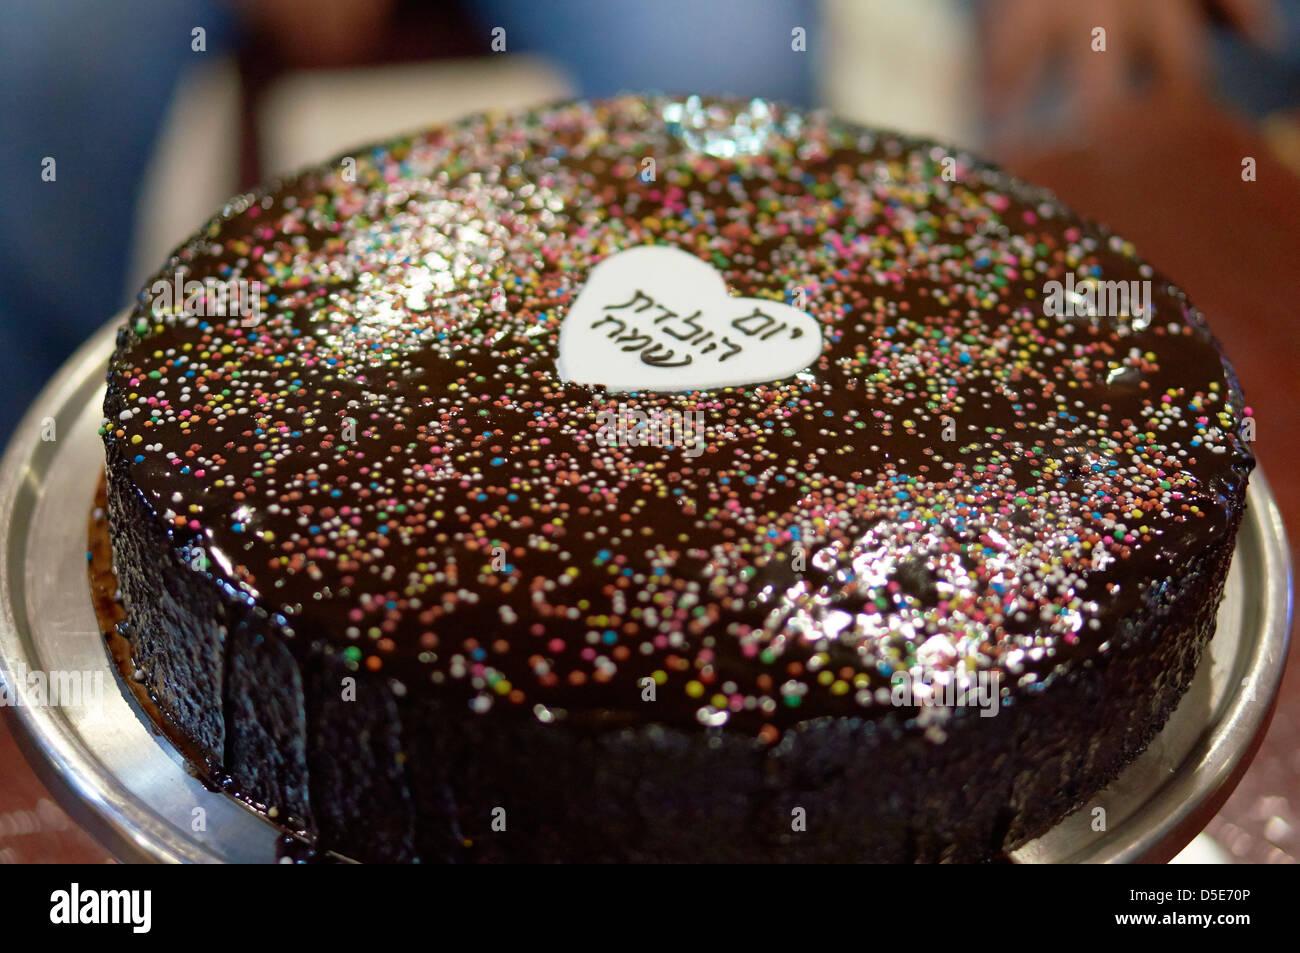 Geburtstagstorte Mit Herz In Der Mitte Stockfoto Bild 55017222 Alamy